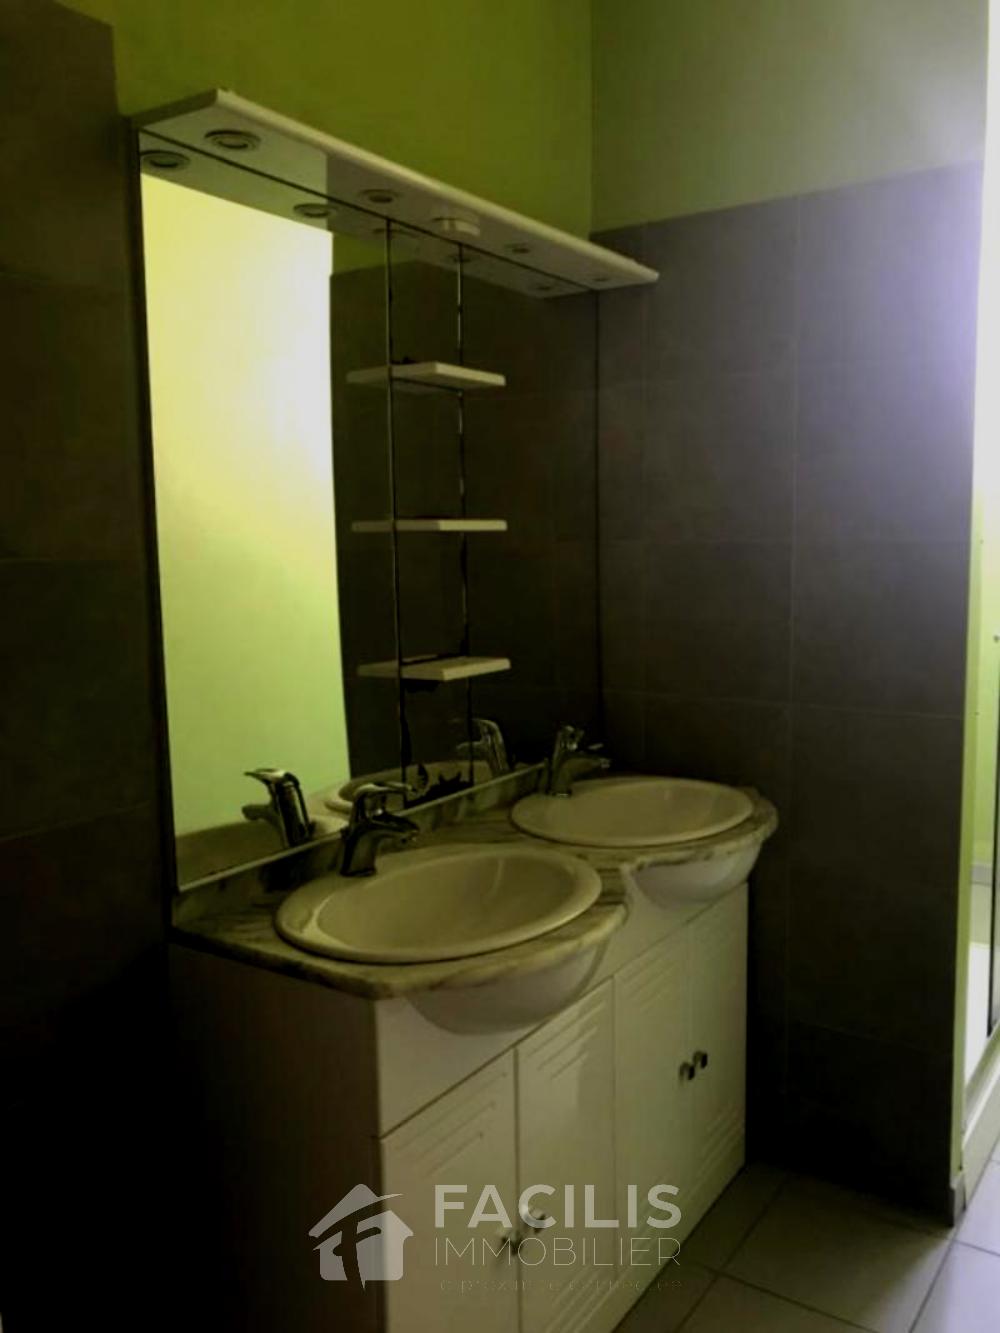 vasques salle d'eau